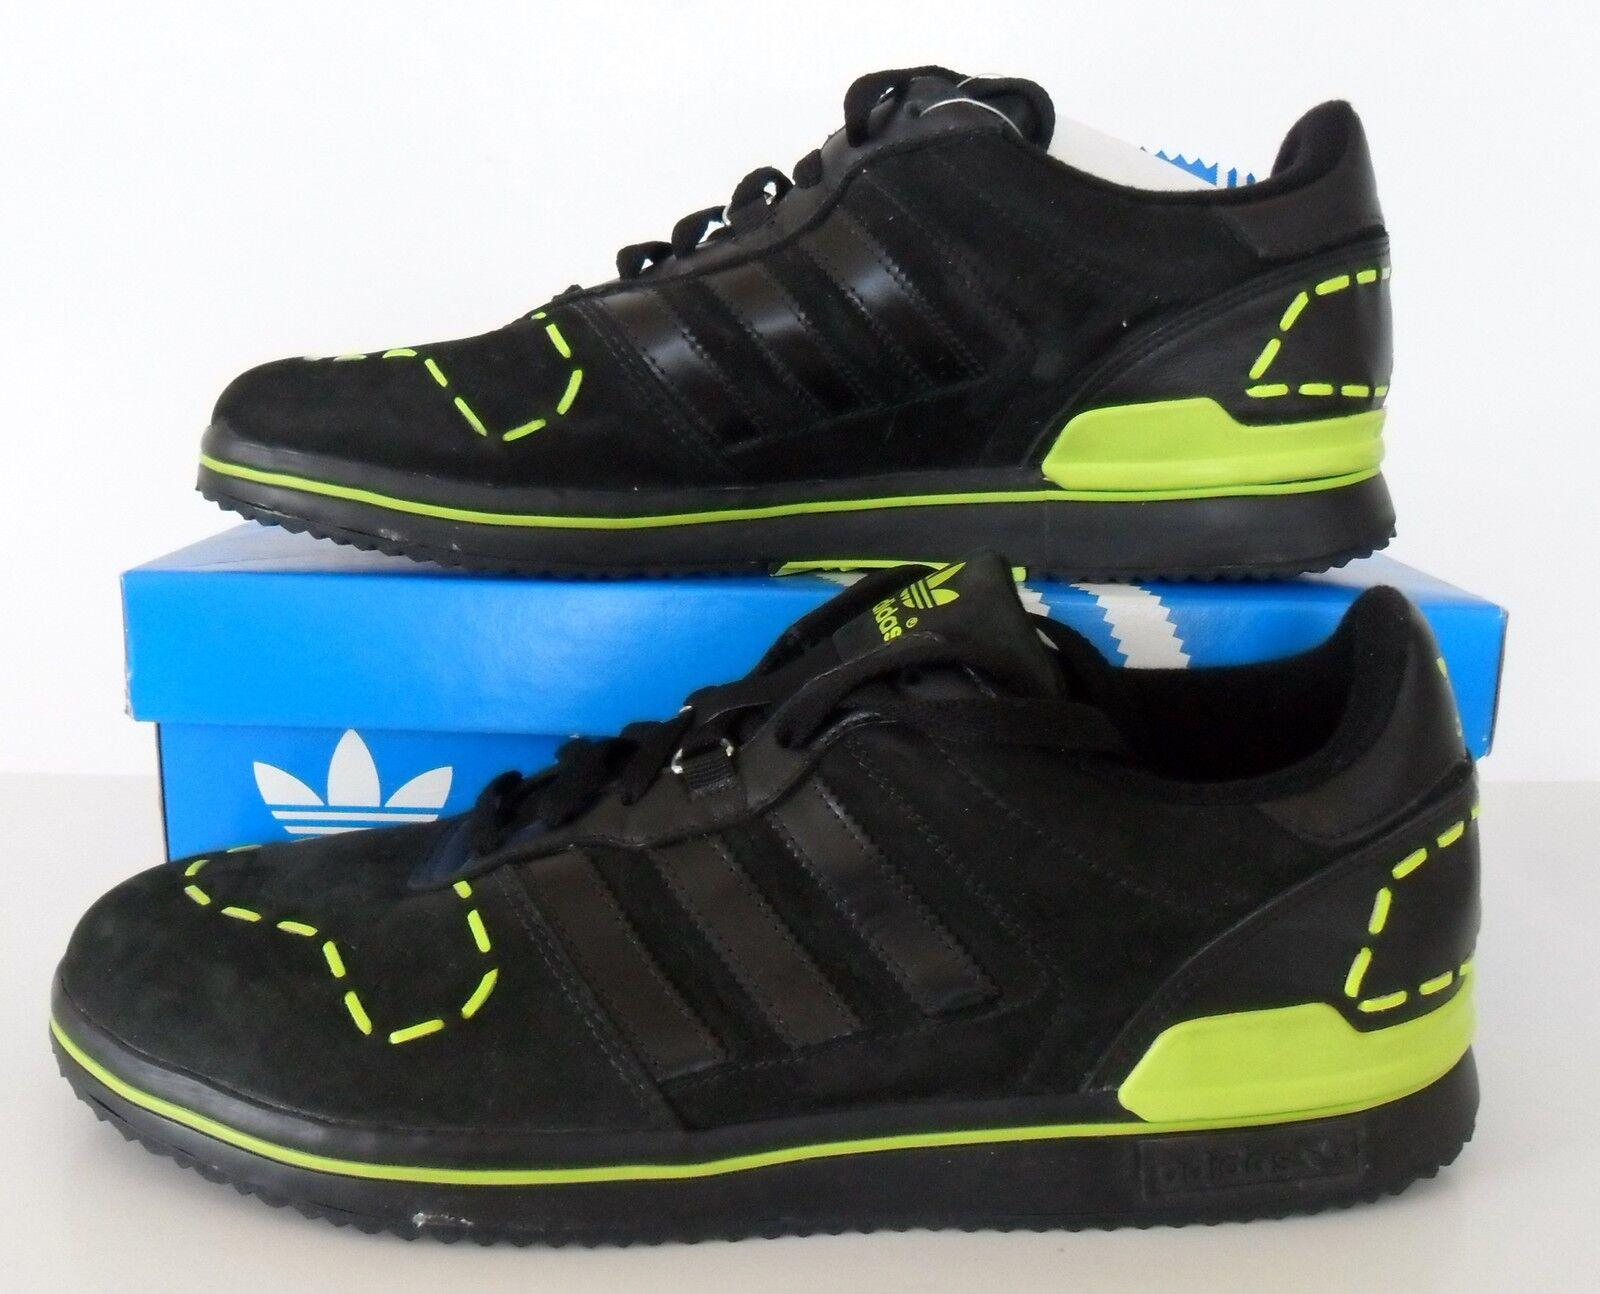 Rare ~ adidas Superstar zx 700 vulcanizados casual Superstar adidas zapatos Vulc 8000 gacela ~ hombre 10,5 68f3c3